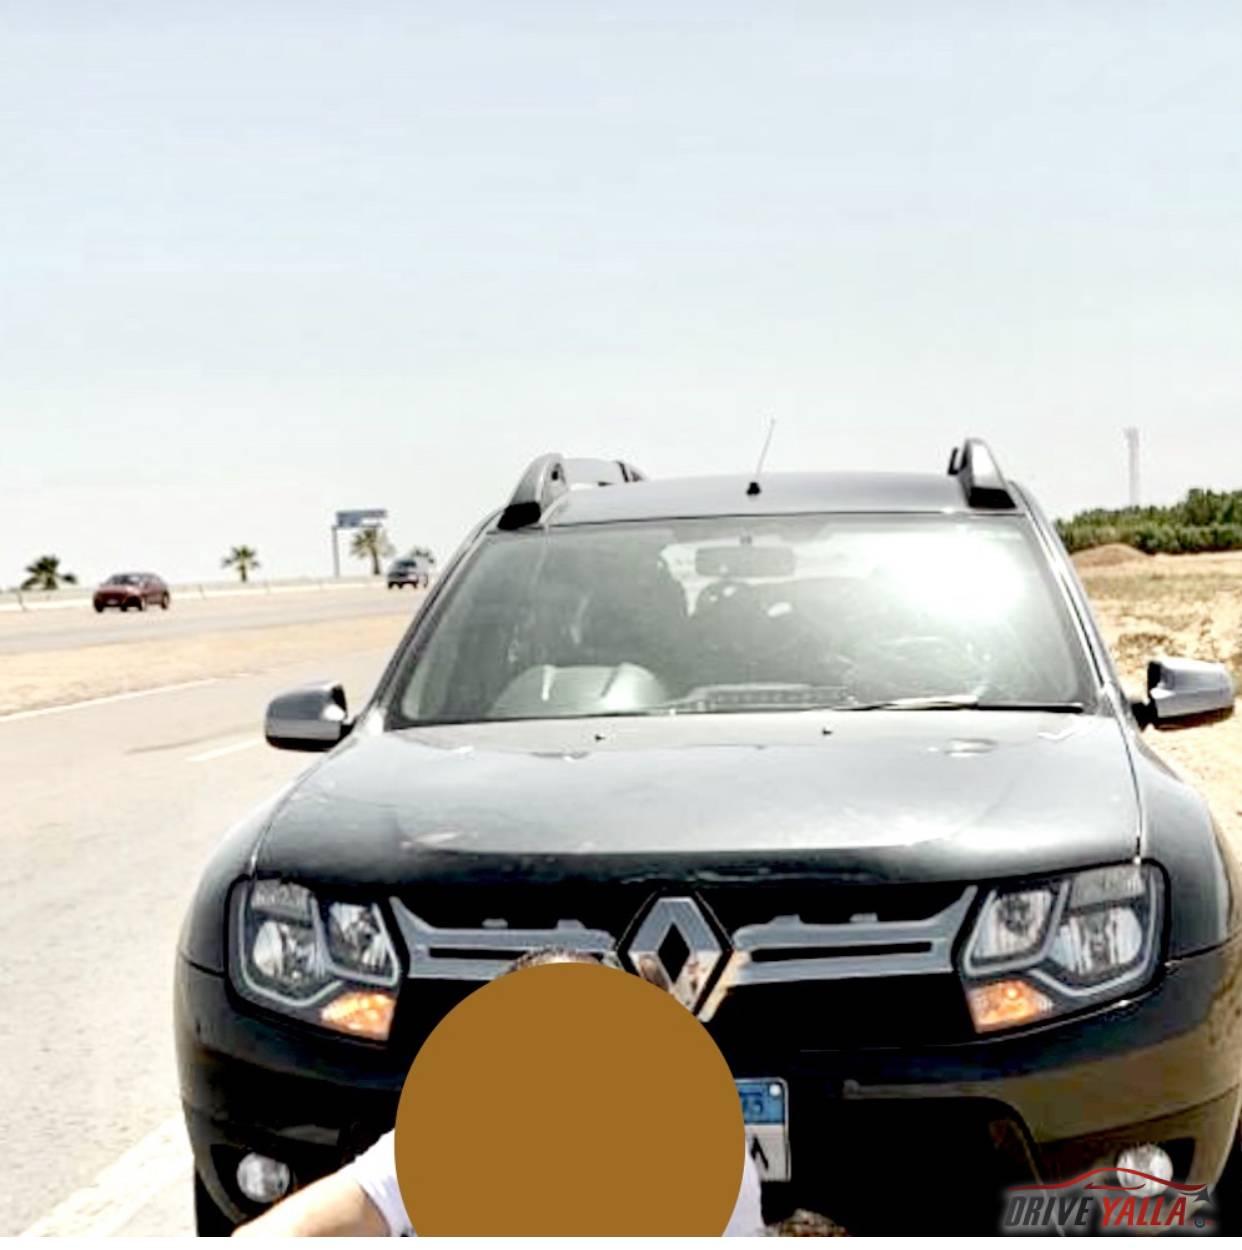 رينو داستر مستعملة للبيع فى مصر  بالتقسيط ٢٠١٧